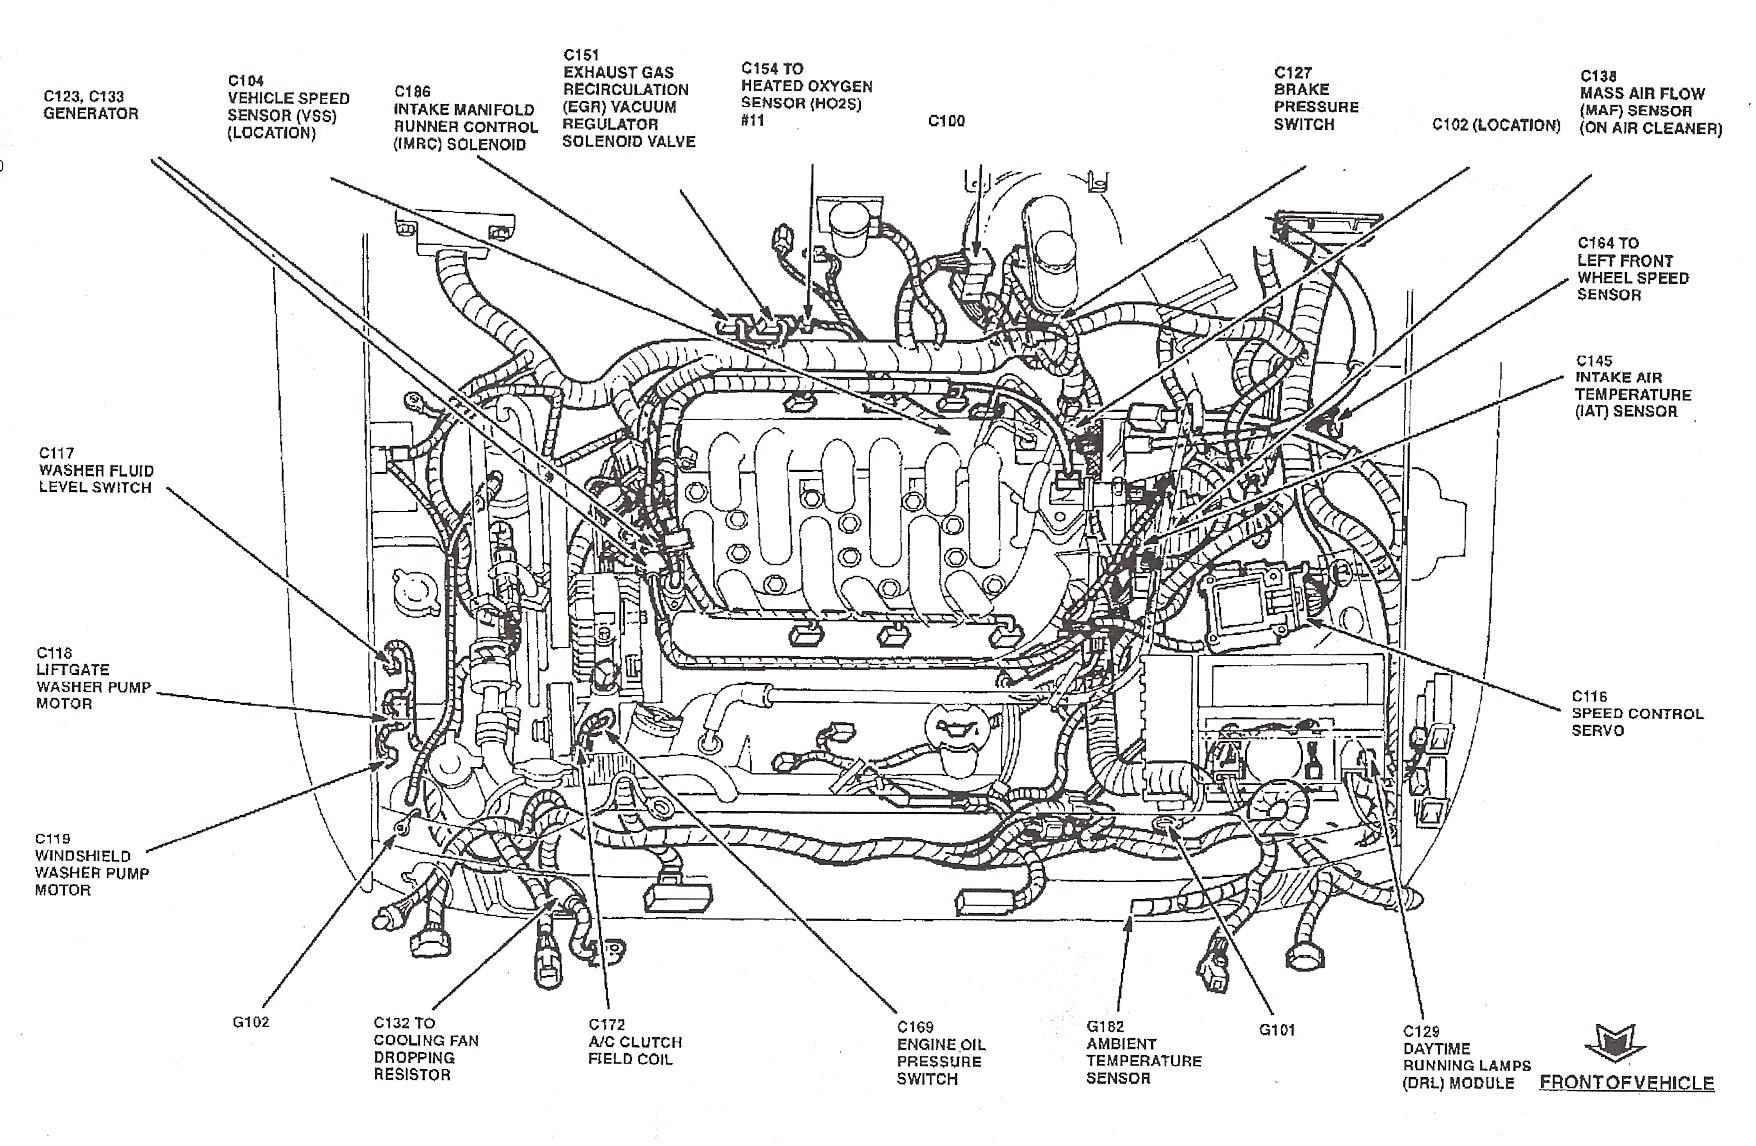 2001 ford Taurus Engine Diagram 2000 ford Windstar Wiring Diagram Blurts Of 2001 ford Taurus Engine Diagram